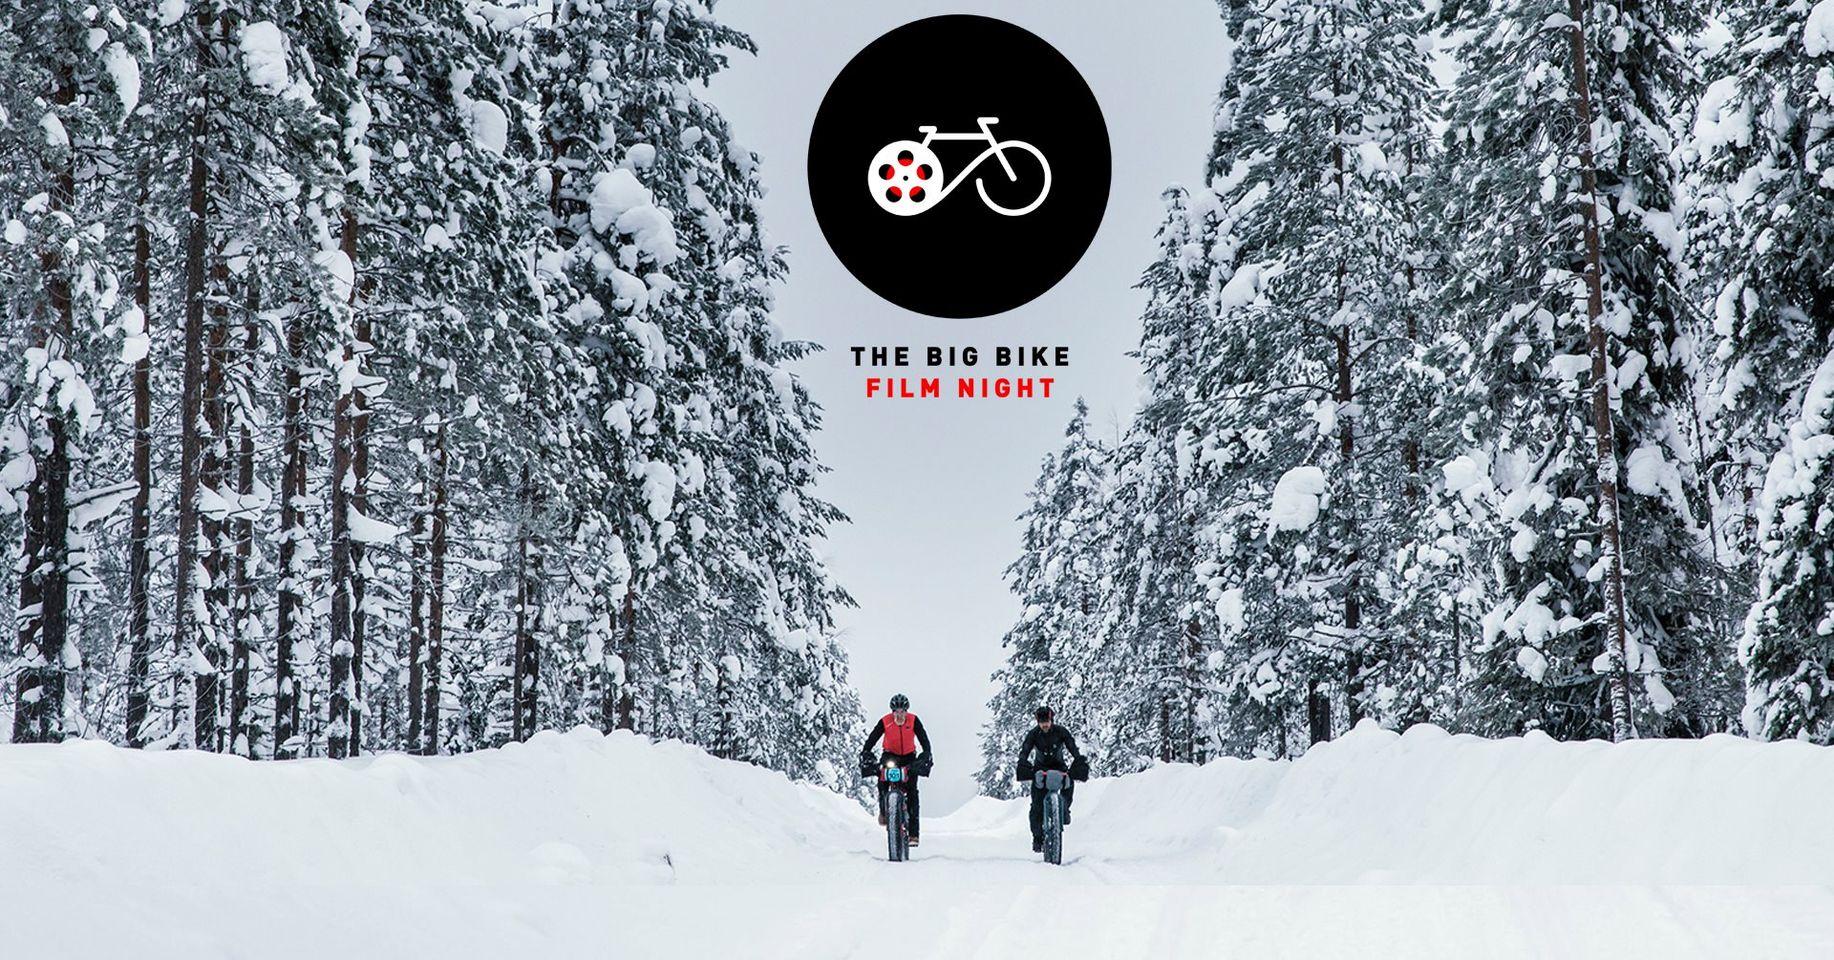 Big Bike Film Night